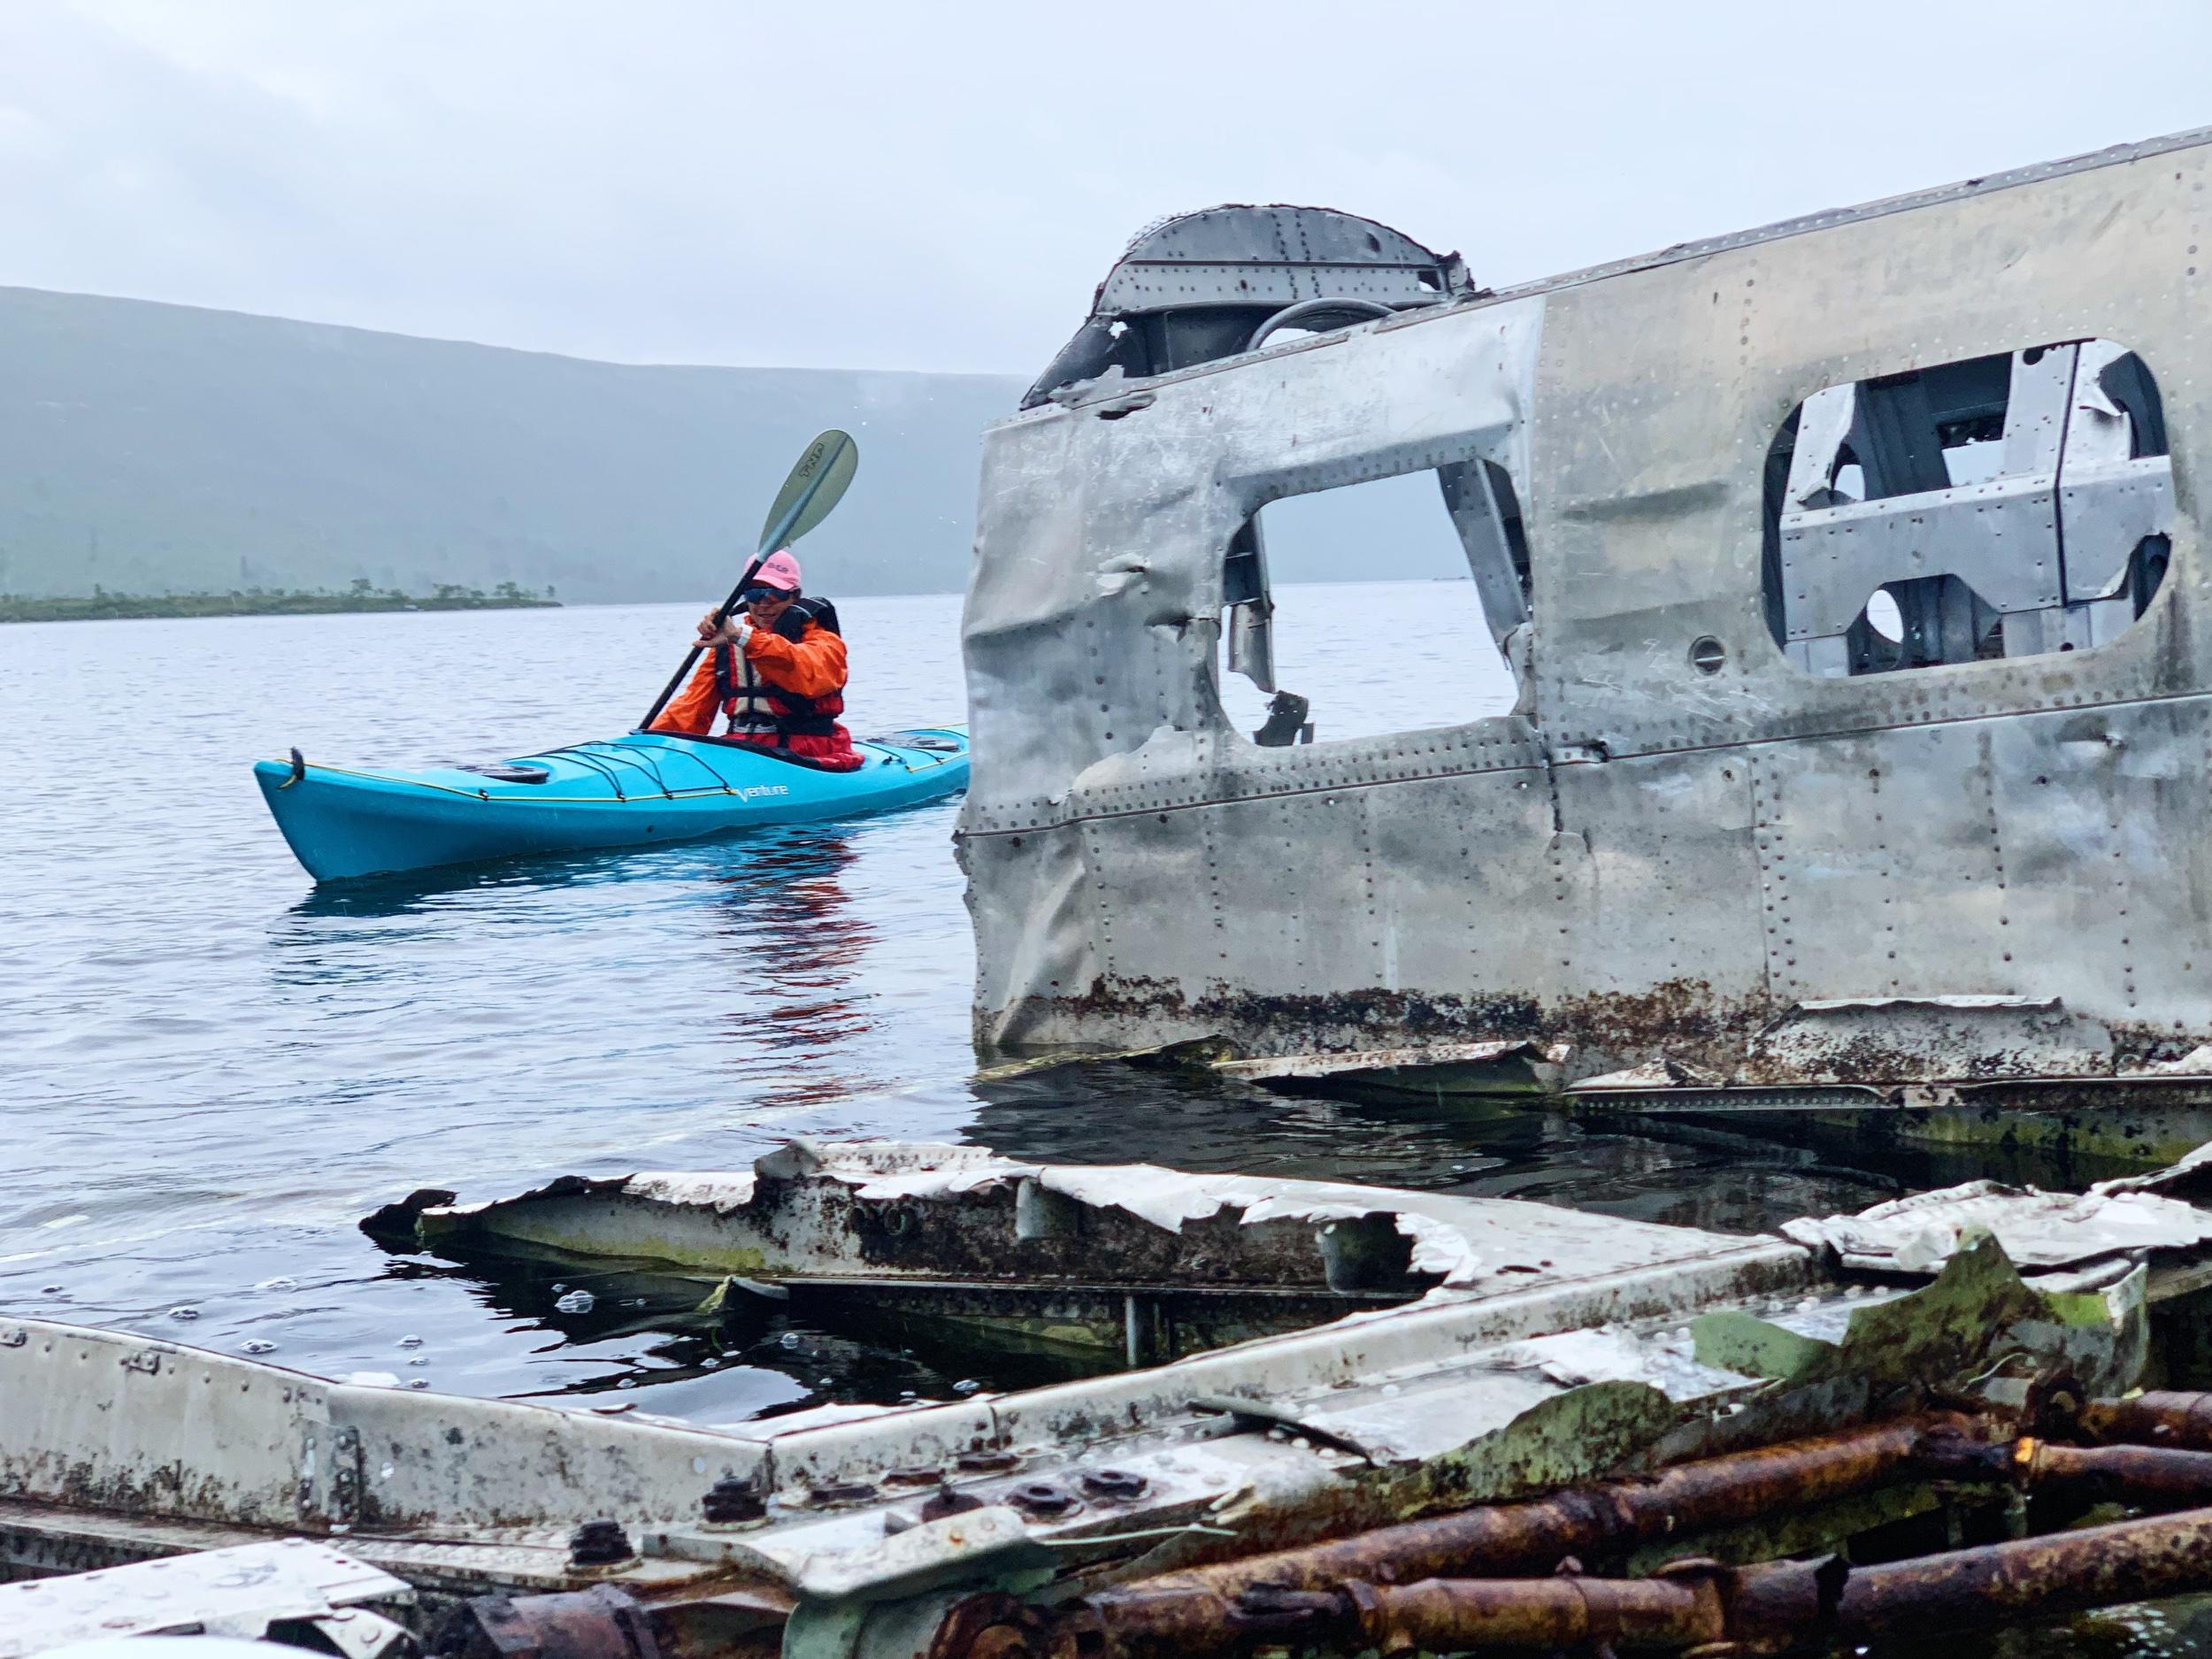 Vid det gamla flygplansvraket i Grövelsjön.